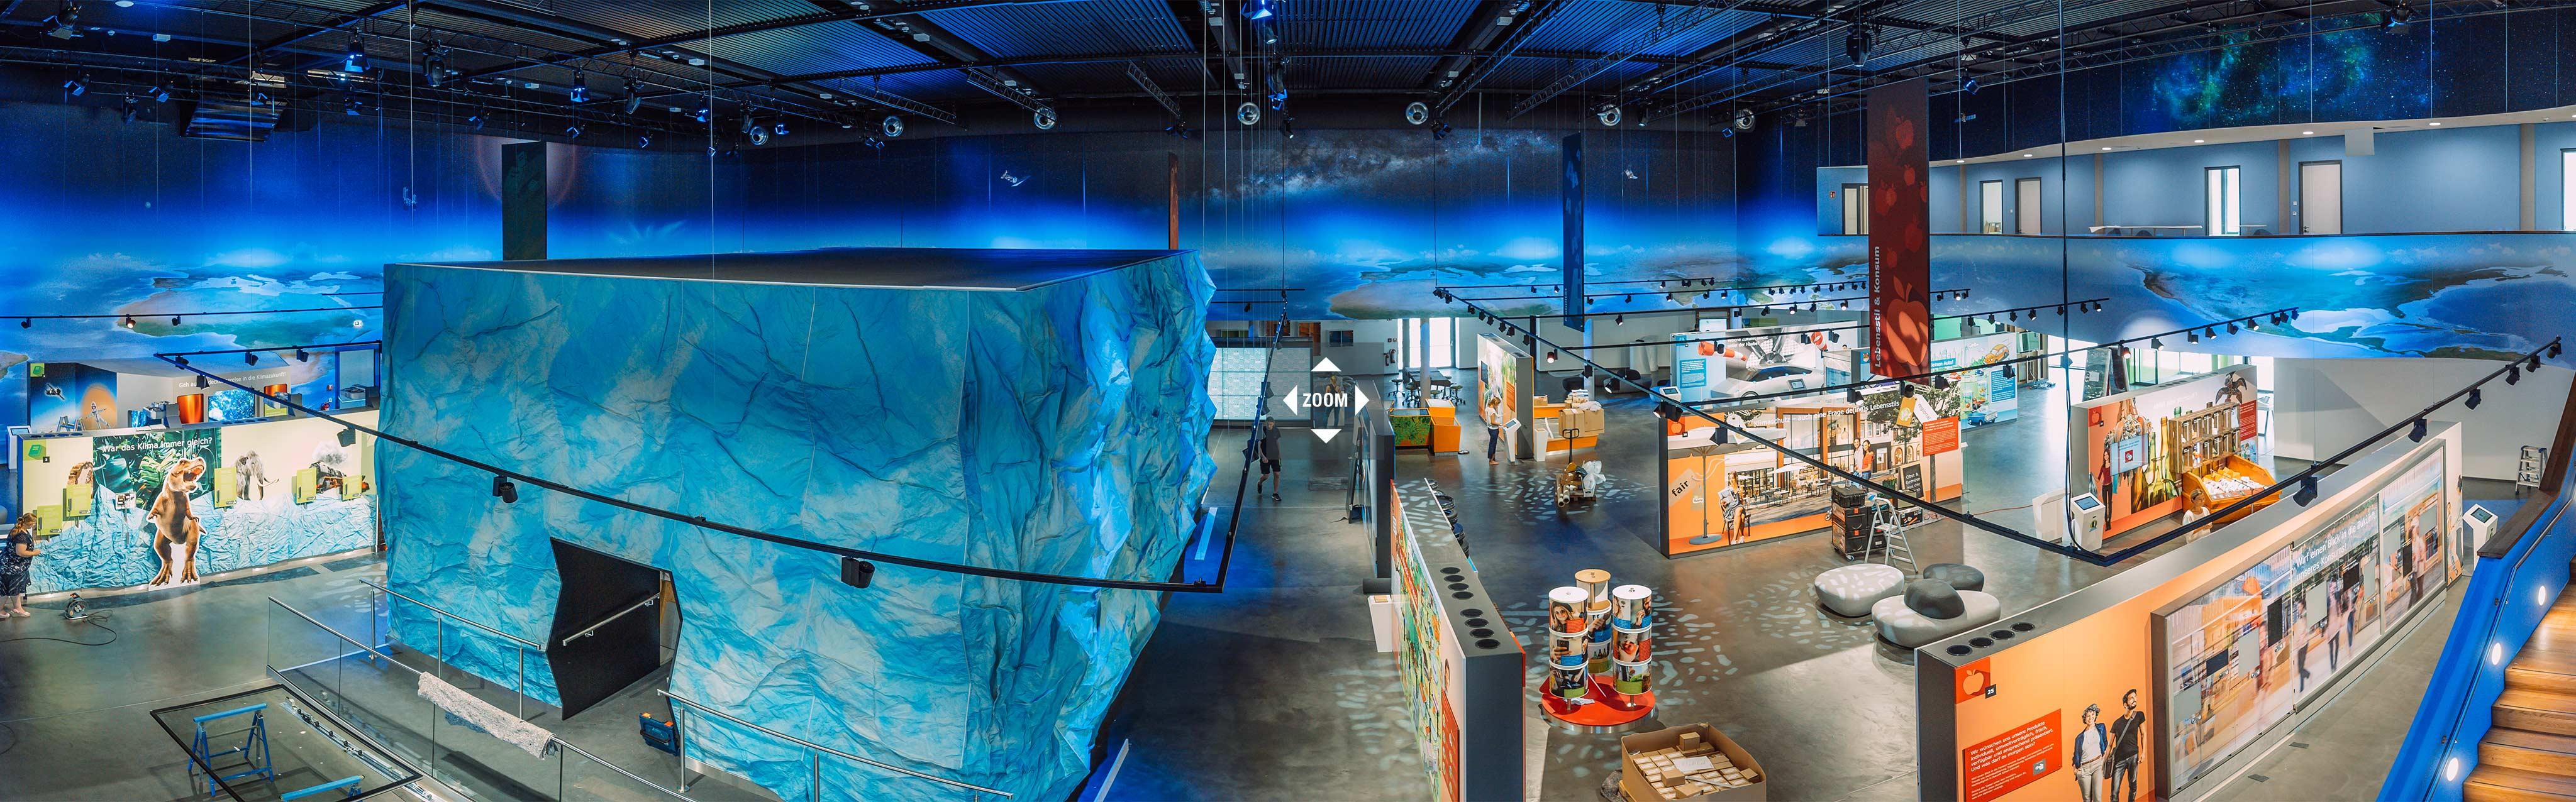 Zukunftsthemen: Panoramabild der interaktiven Mitmachausstellung in der Klima-Arena in Sinsheim mit einem riesigen Gletscher-Kubus in der Mitte